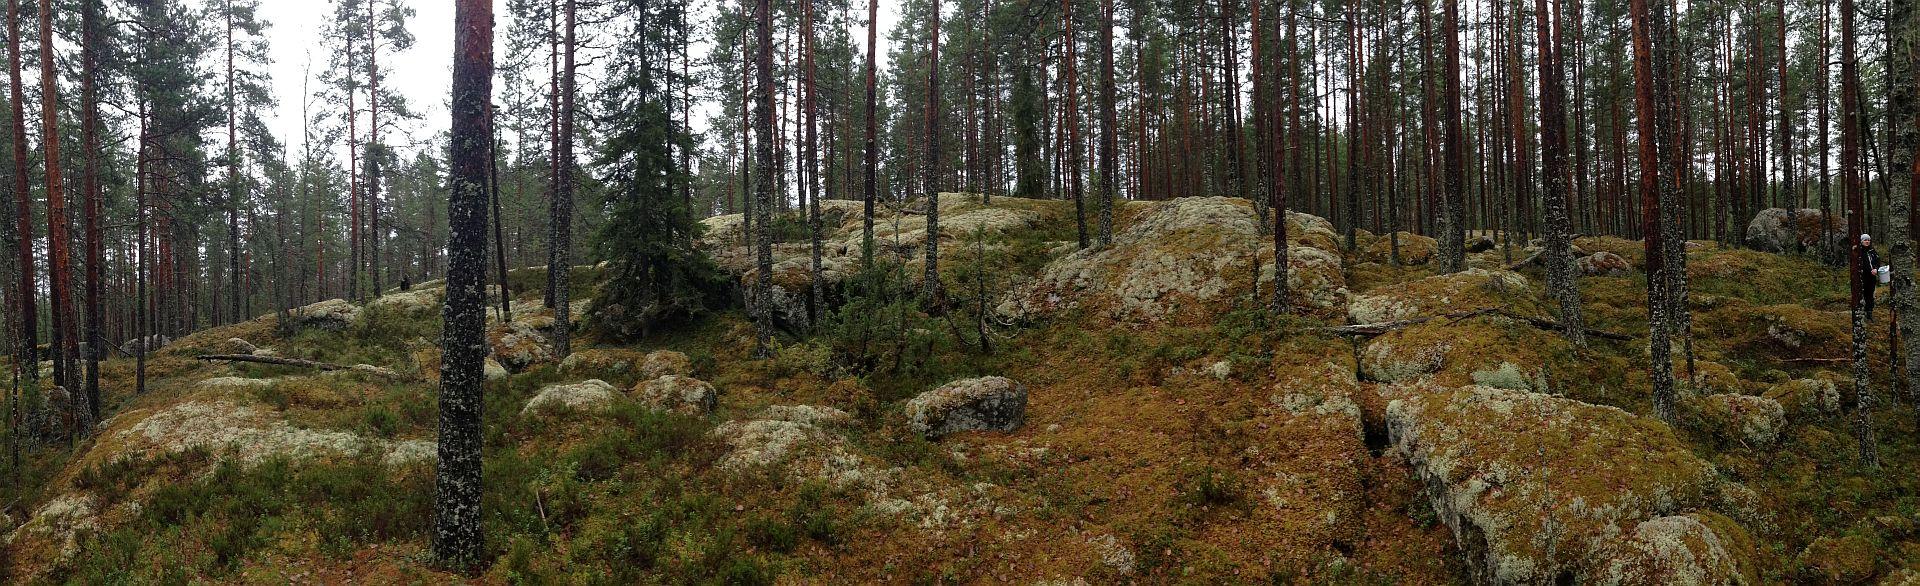 20131127_mannikko